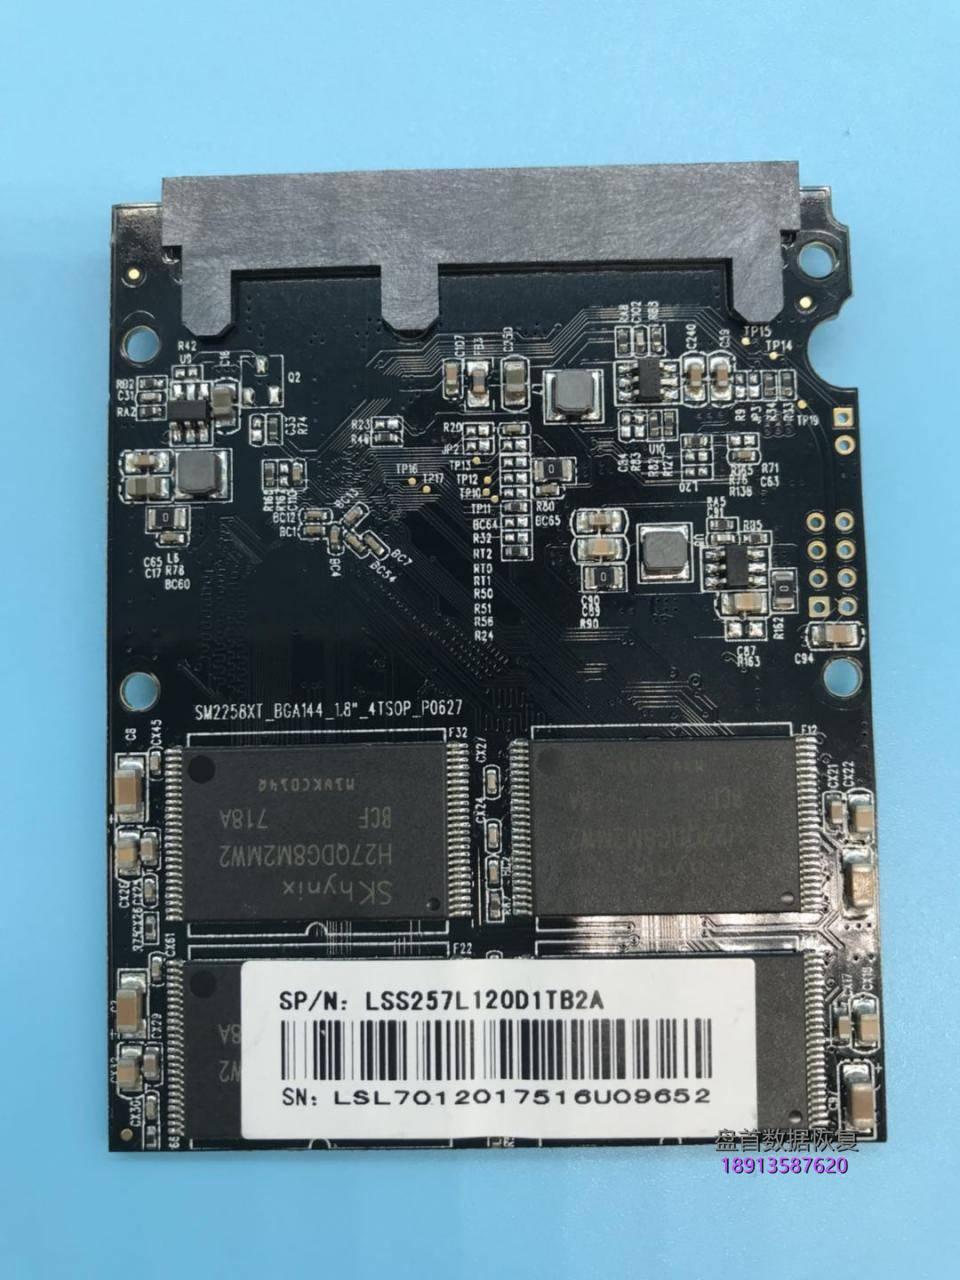 Lenovo联想SL700固态硬盘SM2258XT主控硬盘掉盘BSY长忙无法识别SSD固态硬盘数据恢复成功